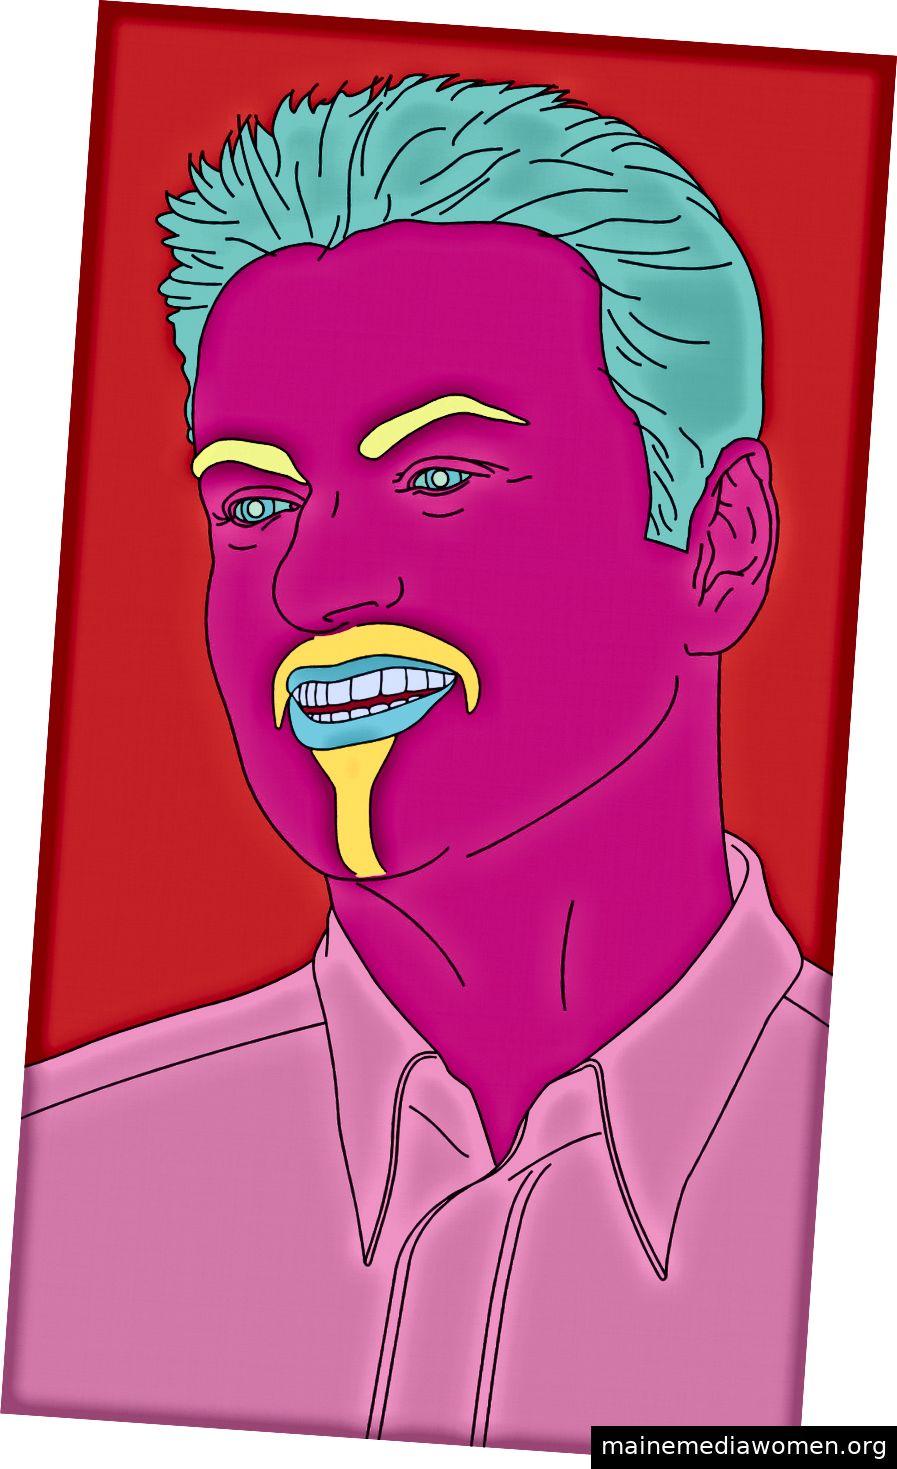 Michael Craig-Martin (geb. 1941) beauftragte Portrait Untitled (George) (2007) für 240.975 $ und setzte damit einen neuen Rekord für den Künstler. Christie's Images Ltd 2019